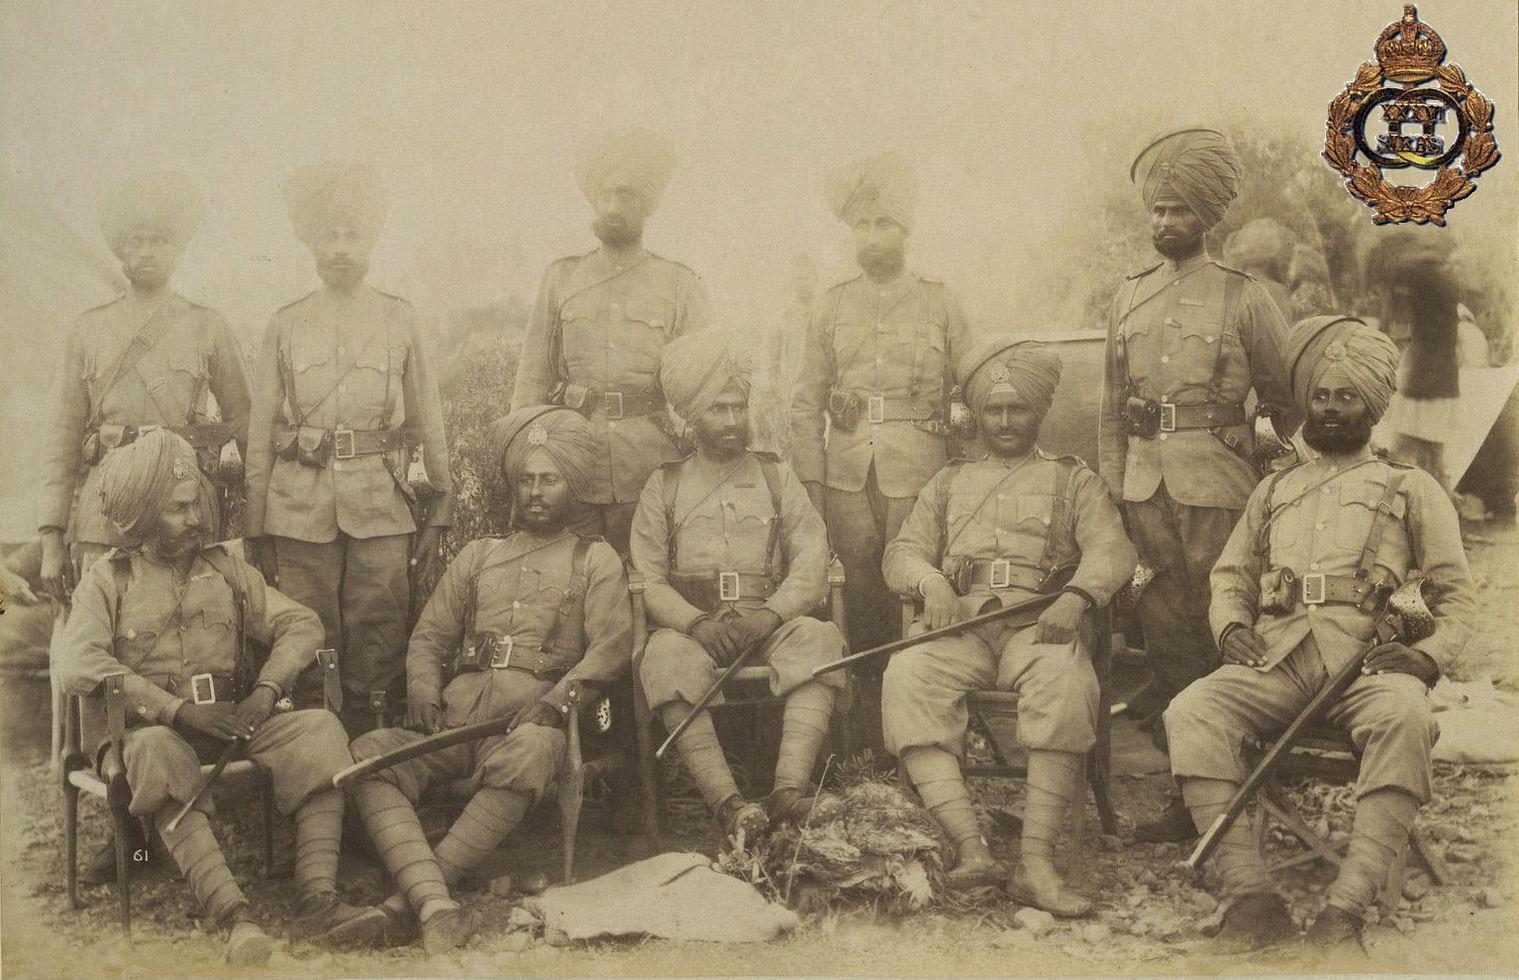 Группа индийских офицеров 36го полка, 1890е гг.